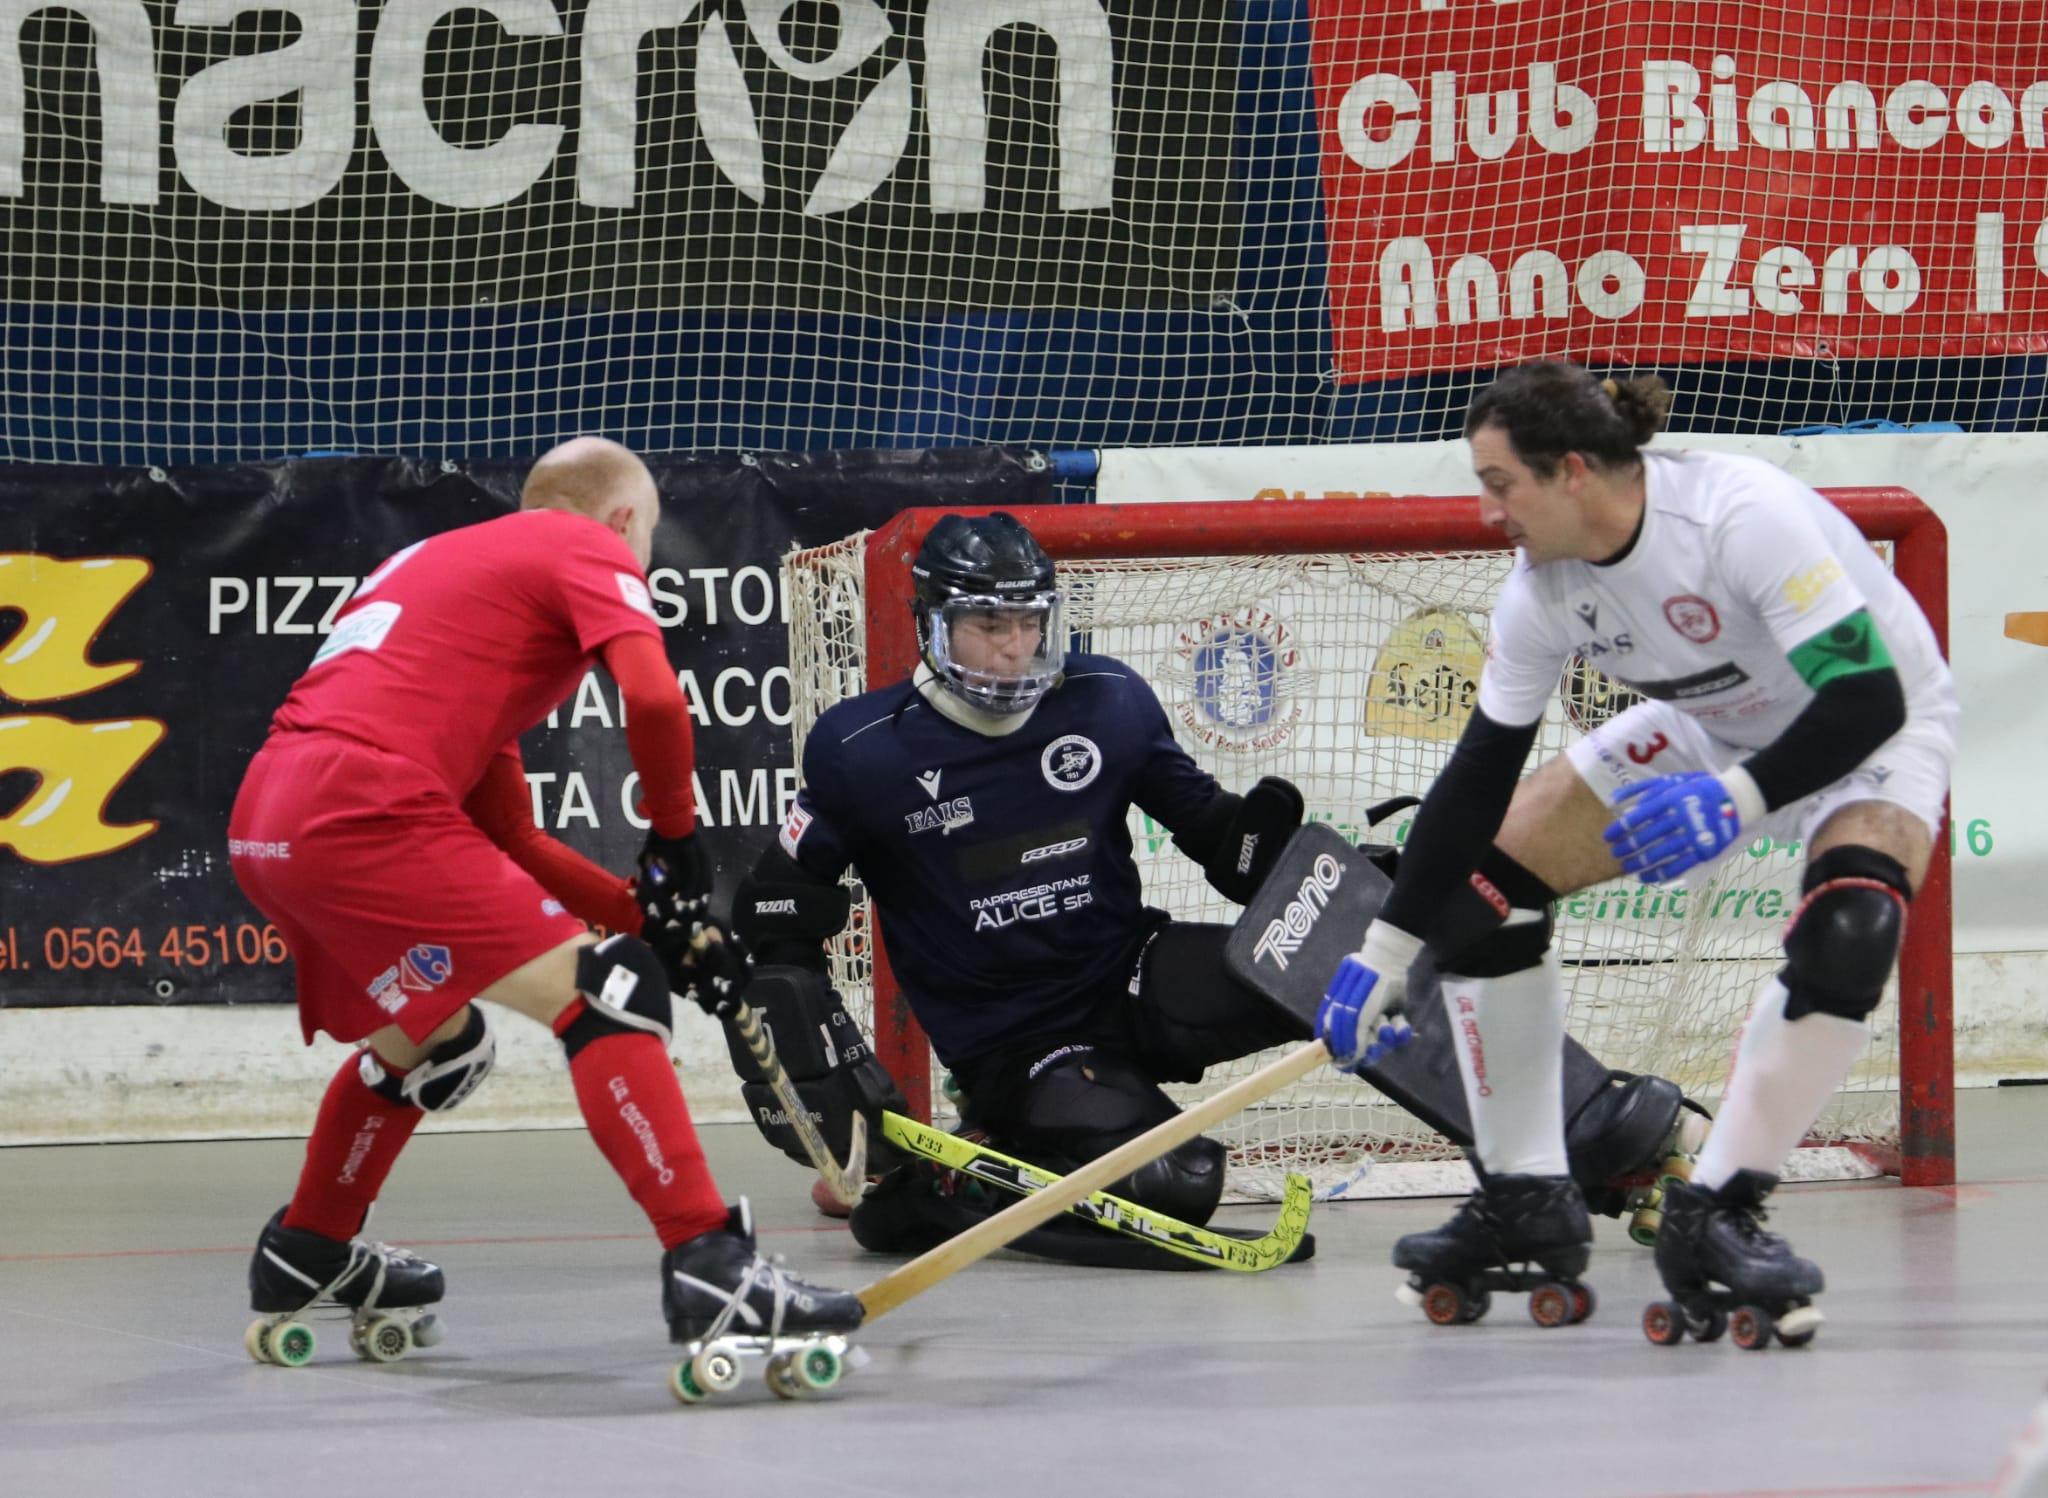 hockey-pista-serie-B-derby-circolo-pattinatori-grosseto-ALICE-RRD-Polverini-Ciupi-Achilli